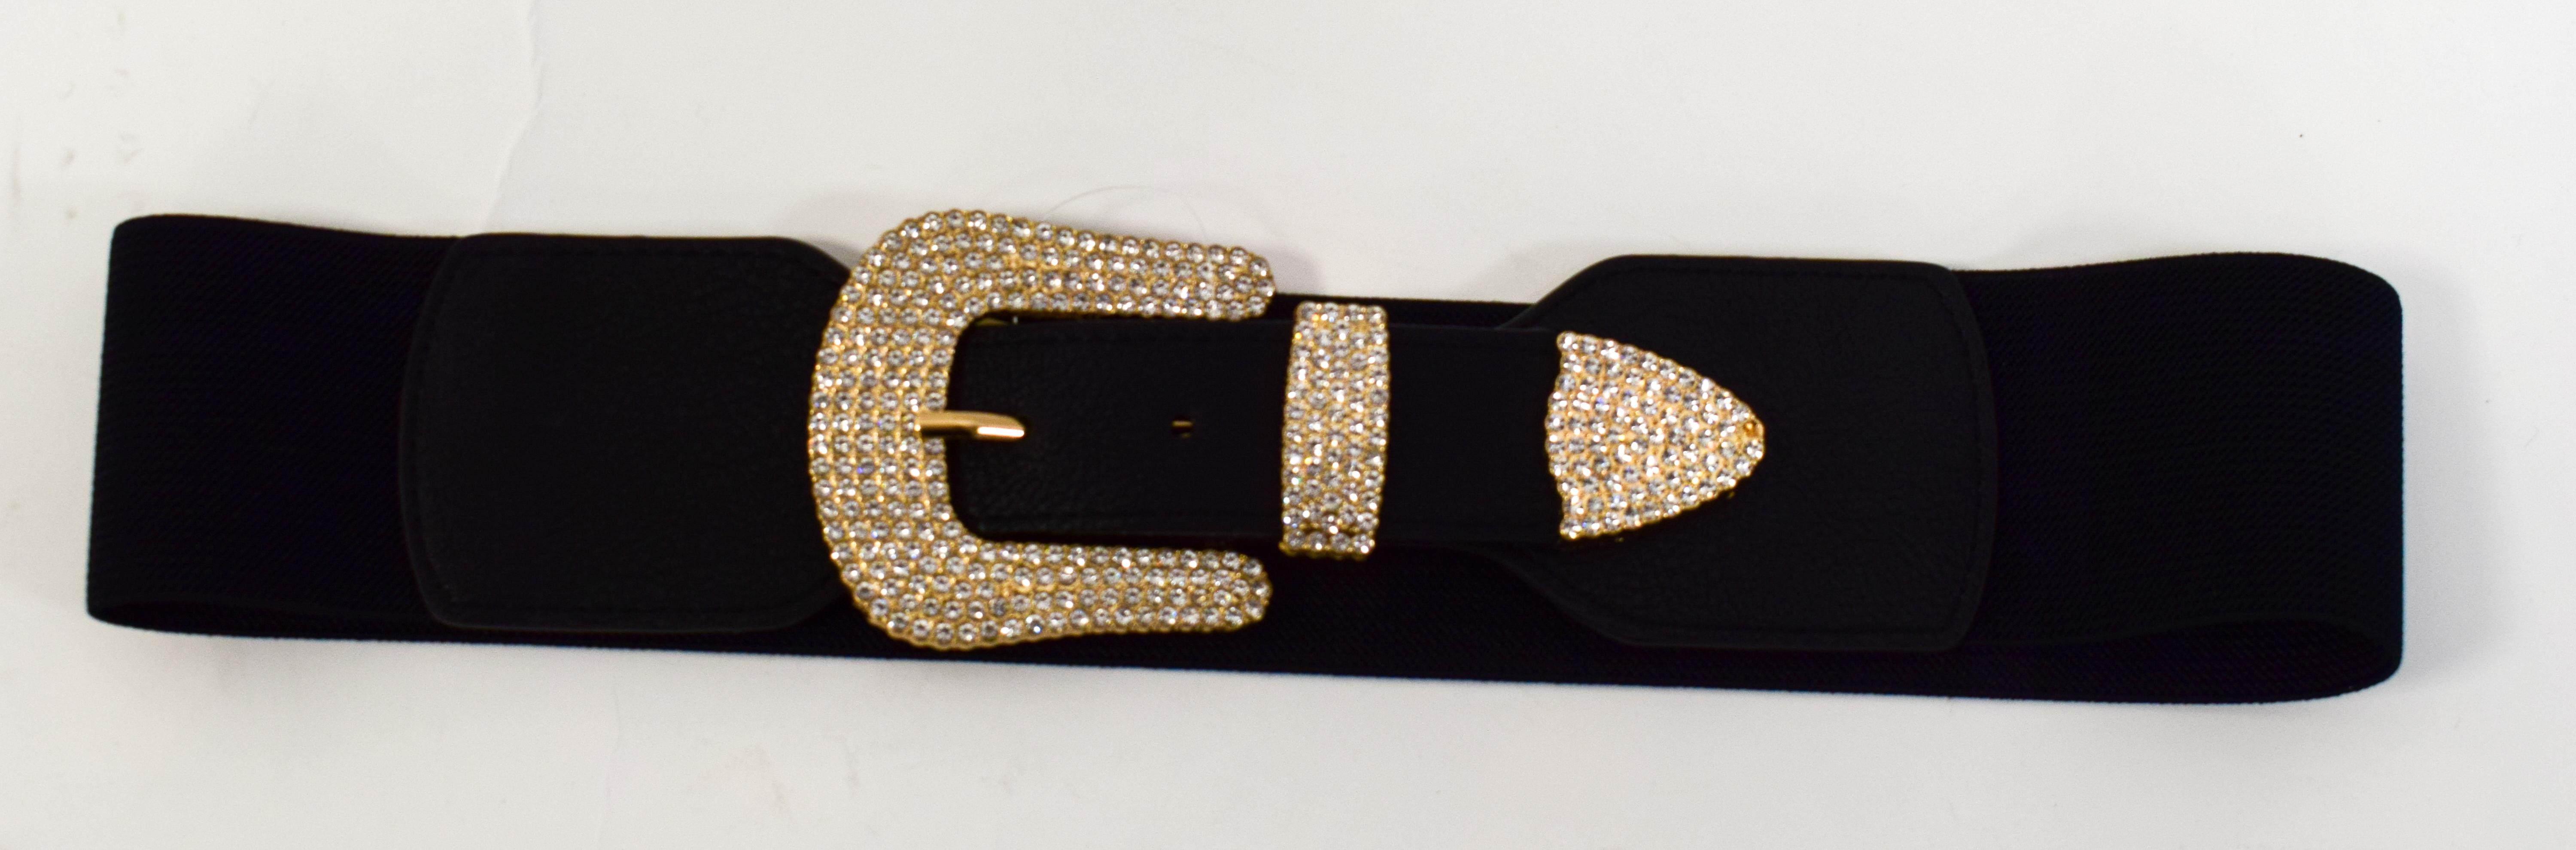 Stretch Gürtel mit Gold Schnalle